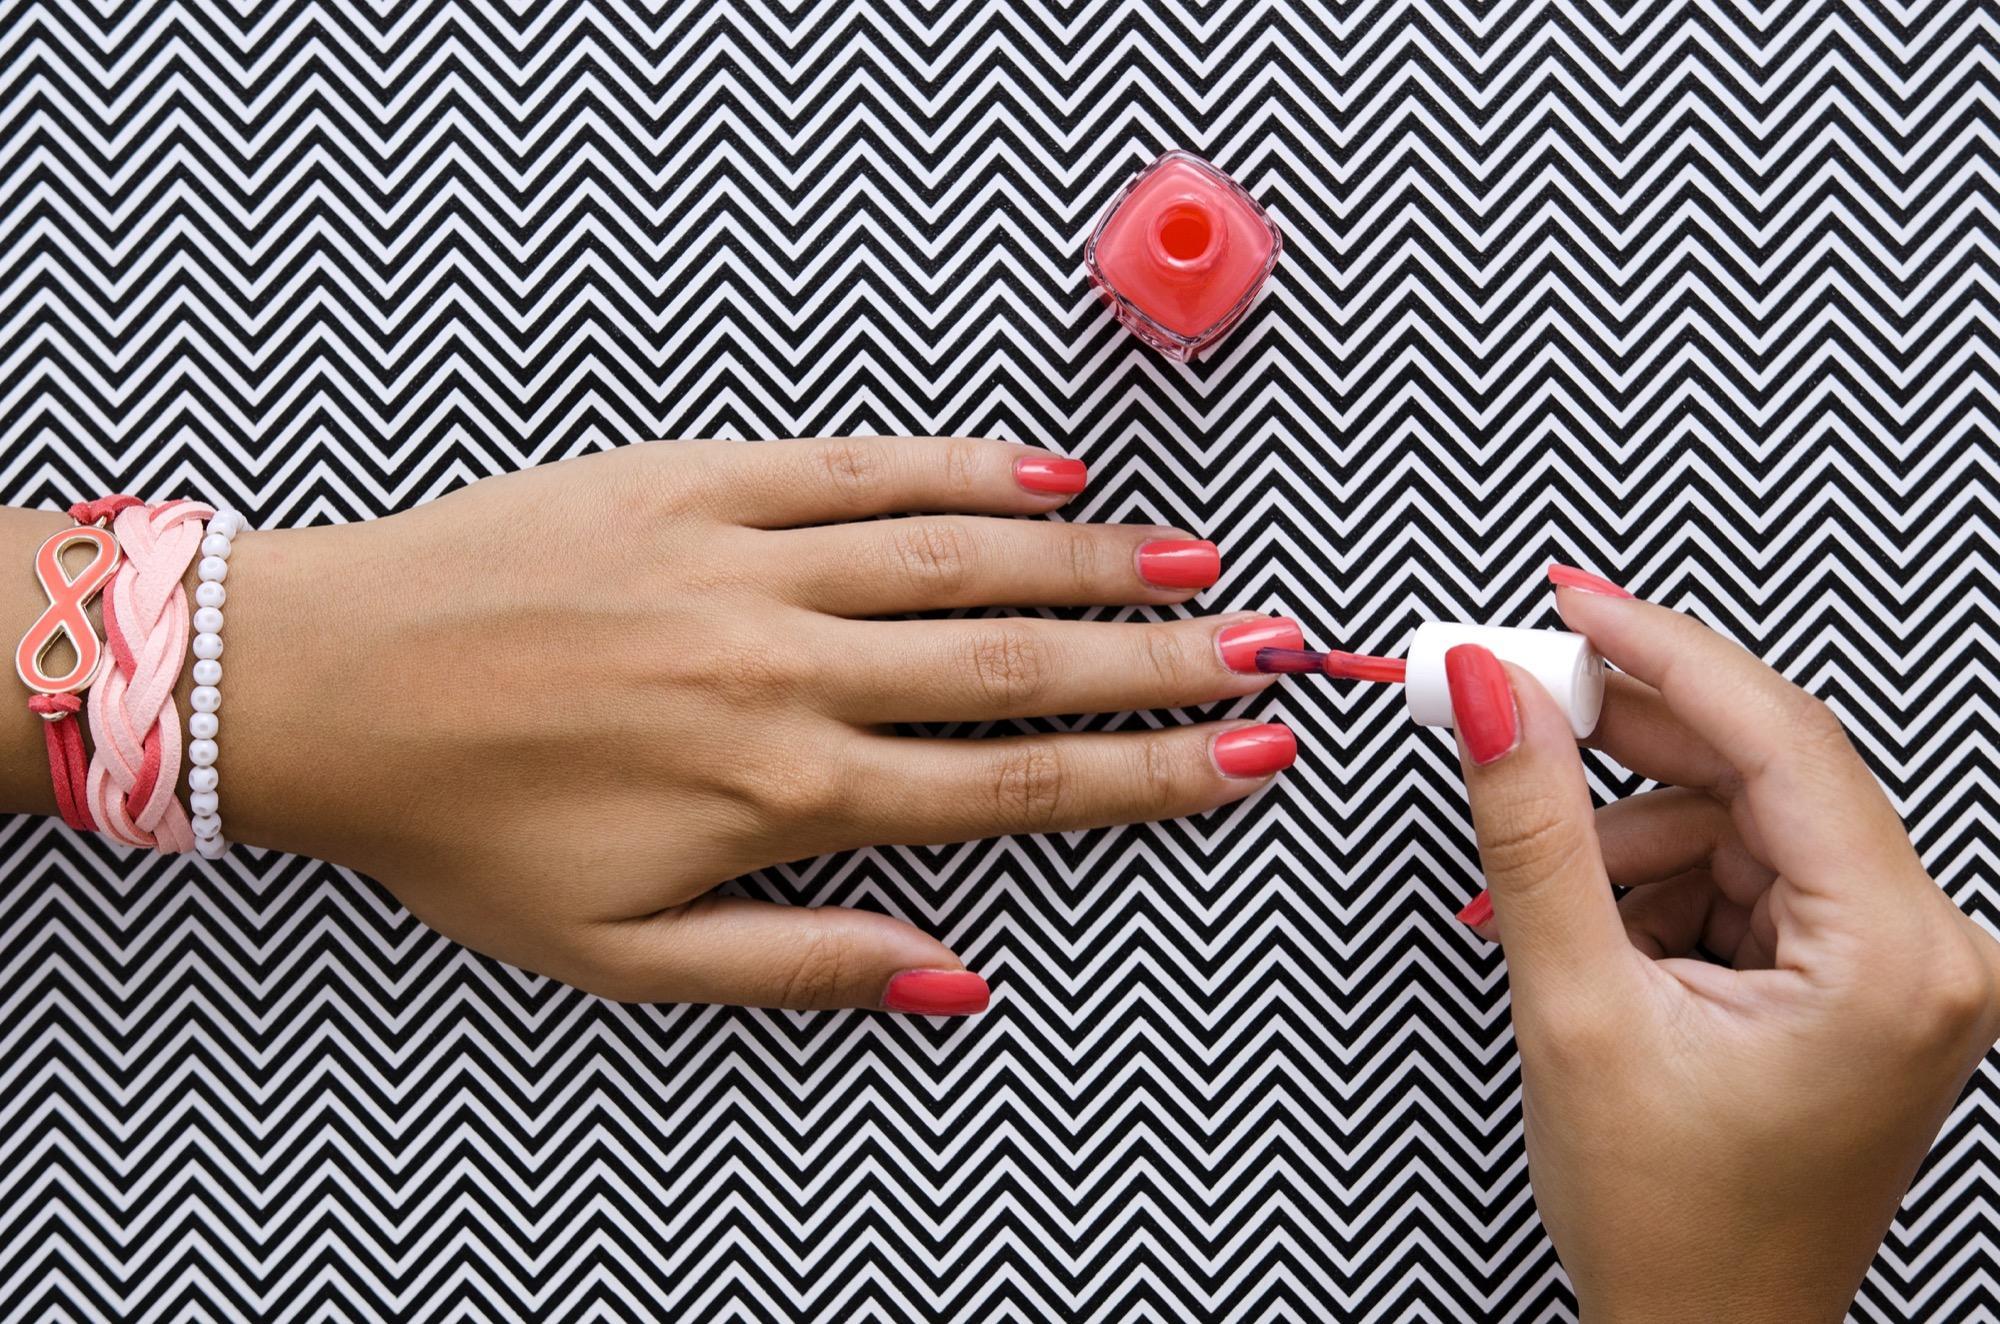 Maniküre: Tipps zum Nagellack entfernen | BRIGITTE.de